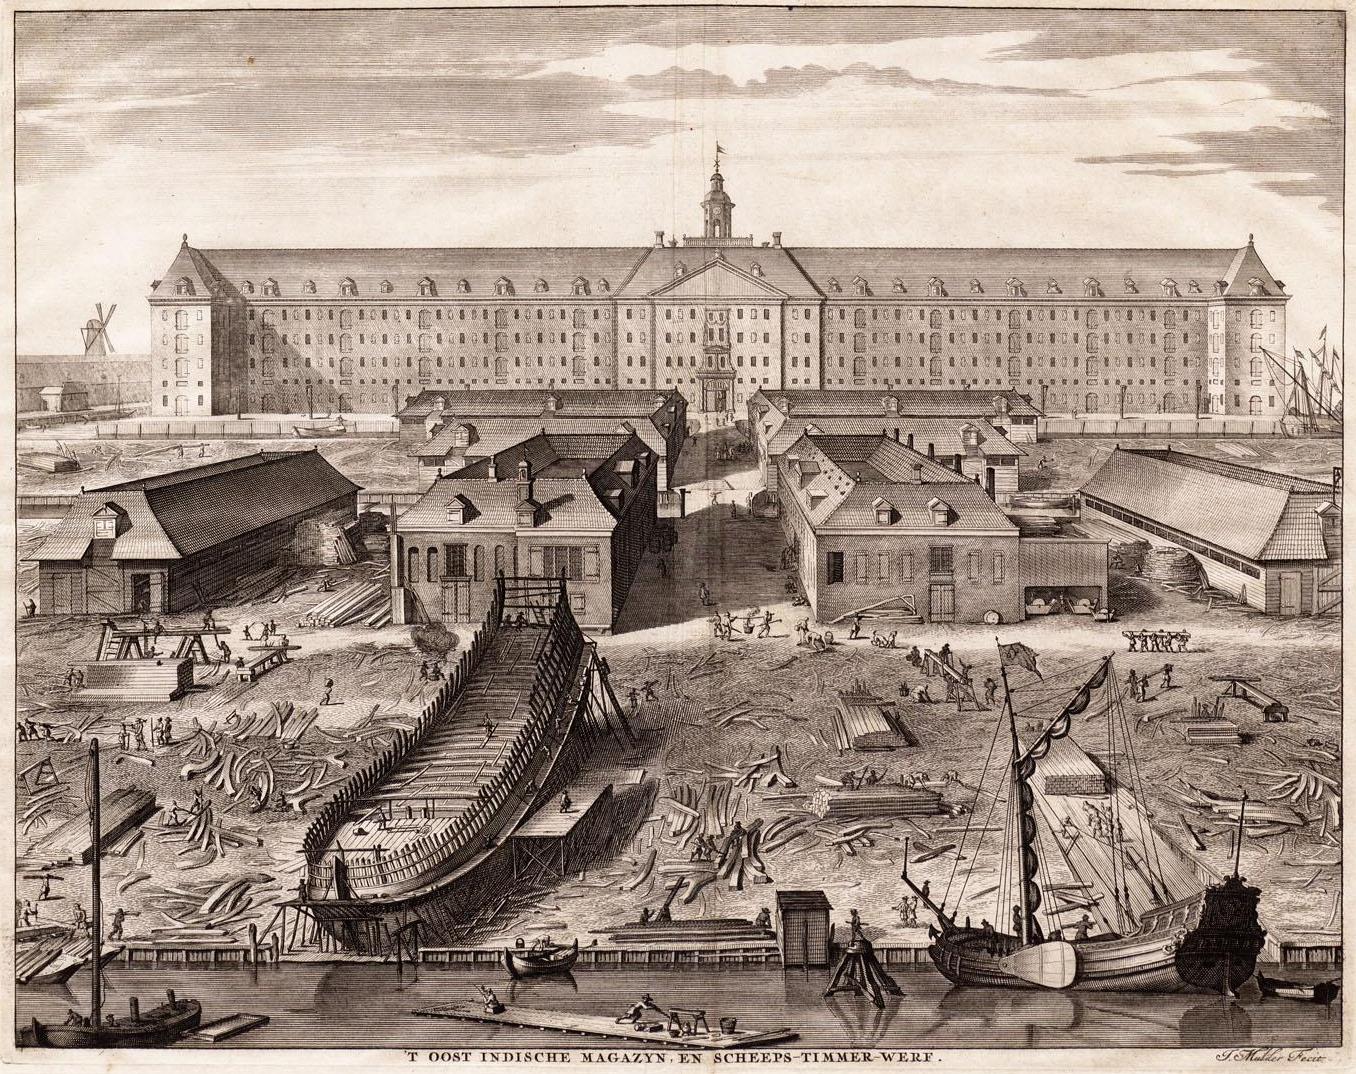 Le chantier naval de la Dutch East India Company à Amsterdam, 1726 Gravure par Joseph Mulder Image via Wikipedia